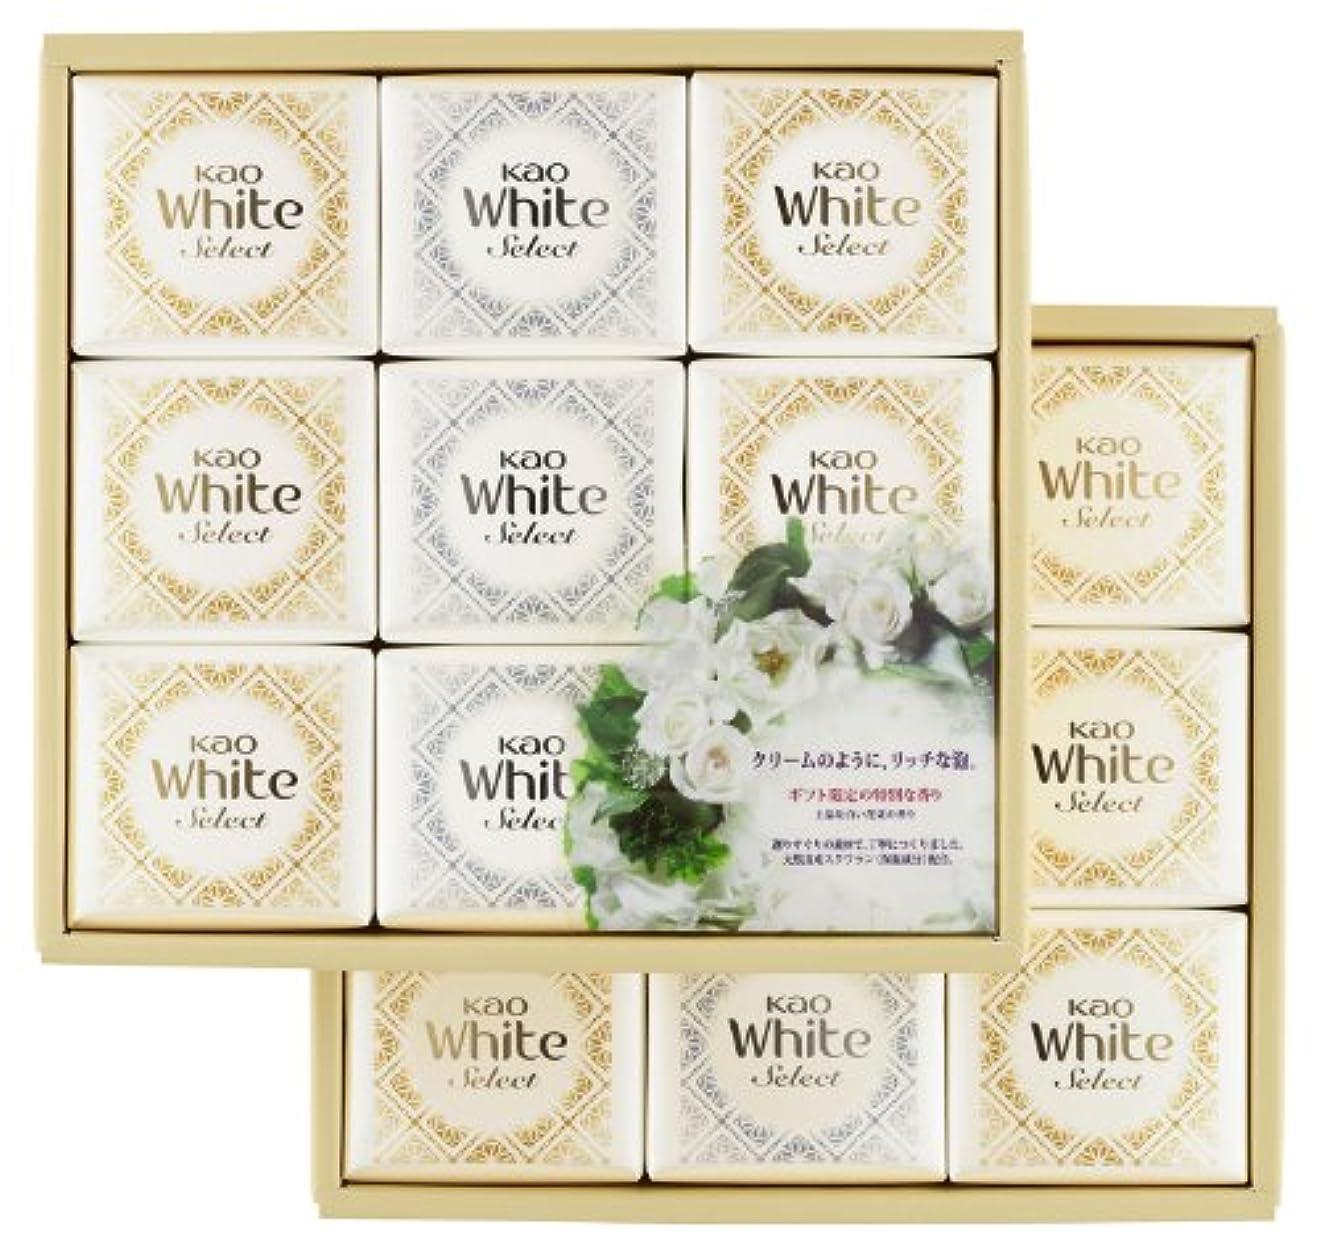 分ビジョンプランター花王ホワイト セレクト 上品な白い花束の香り 85g 18コ K?WS-30